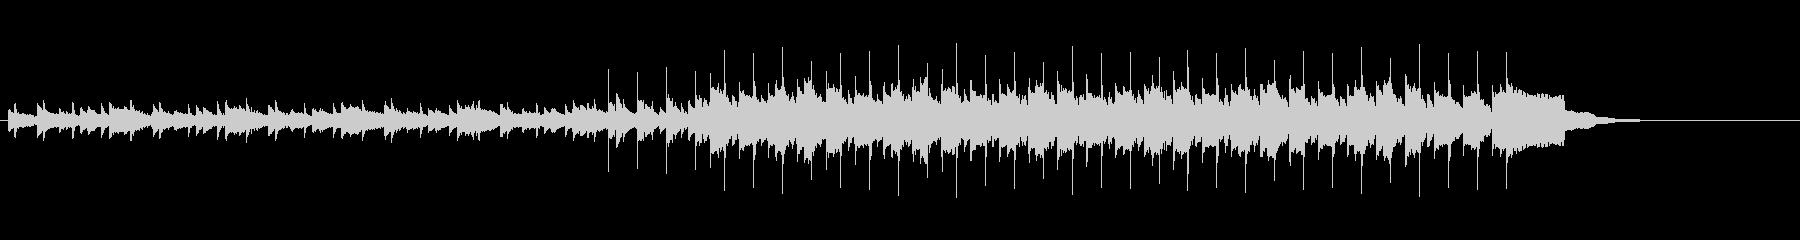 イントロ/エンディング ピアノエレピリフの未再生の波形